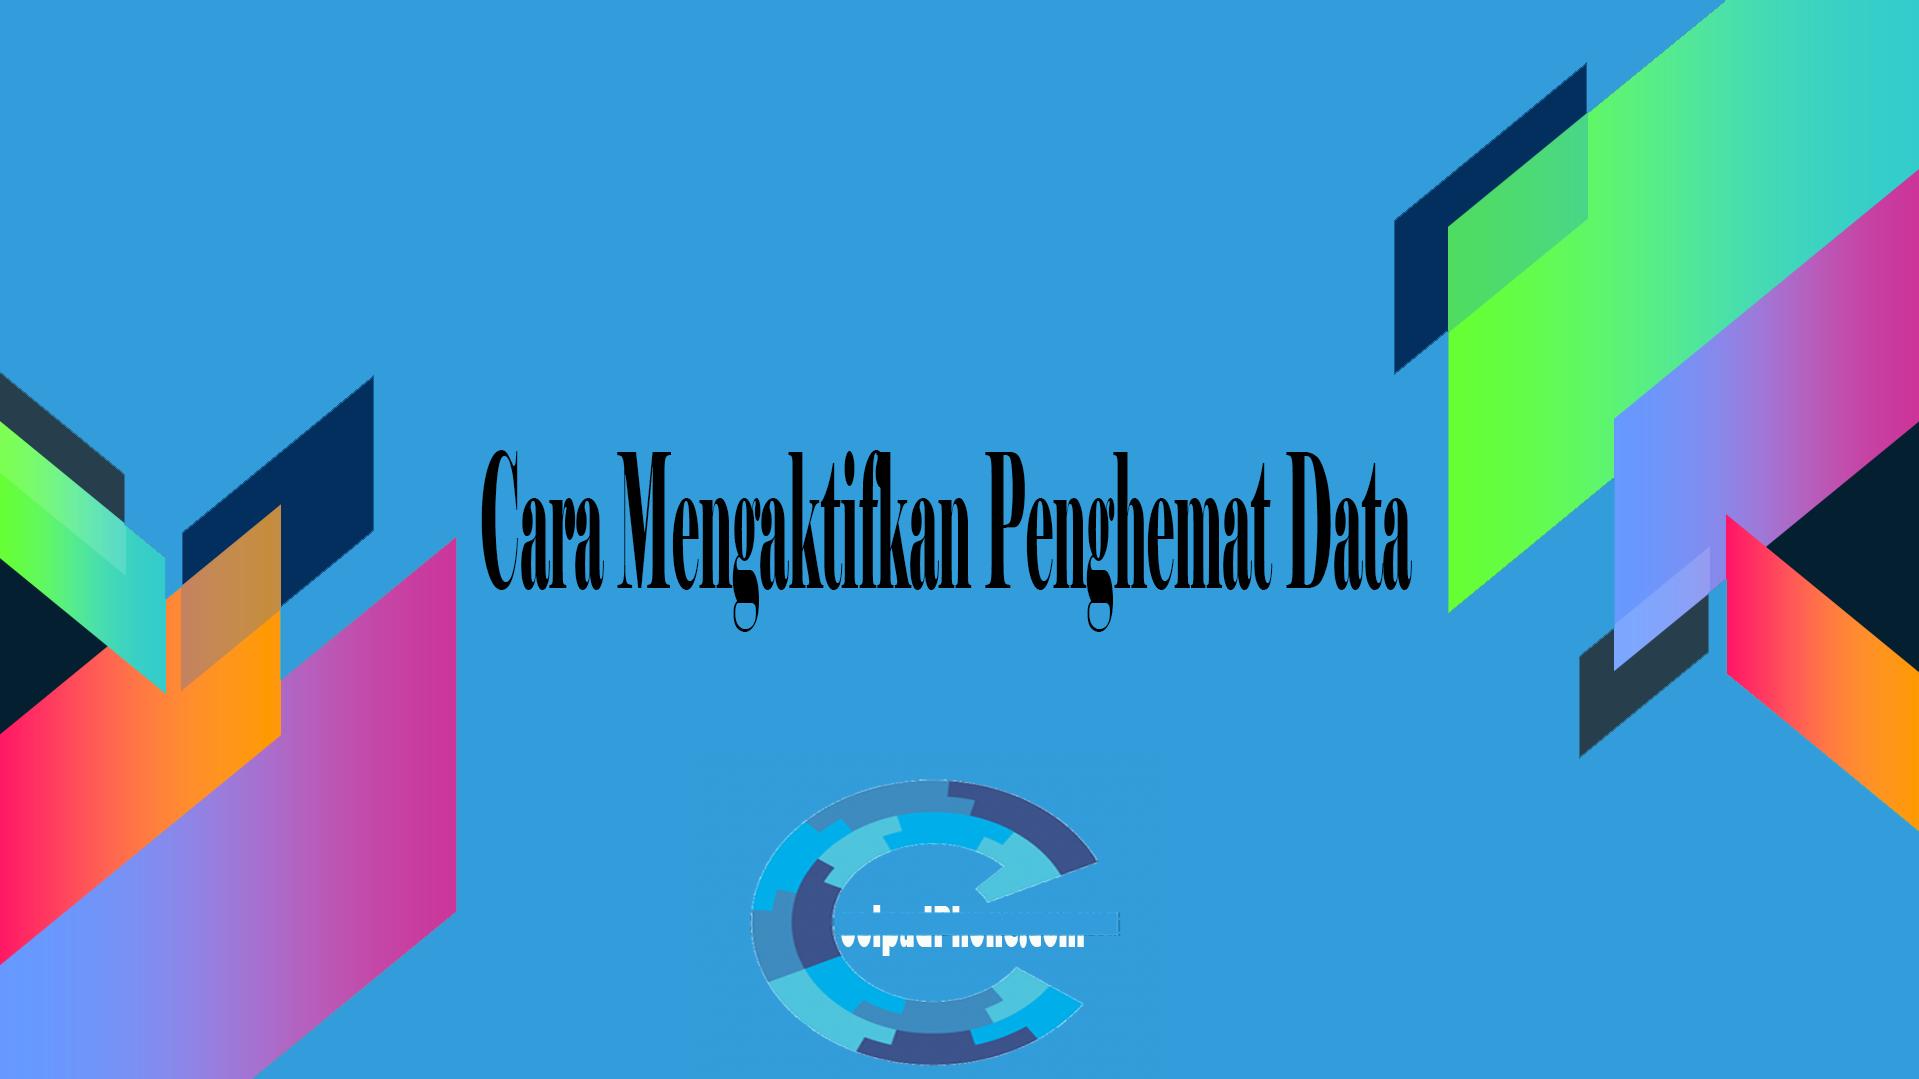 Cara Mengaktifkan Penghemat Data